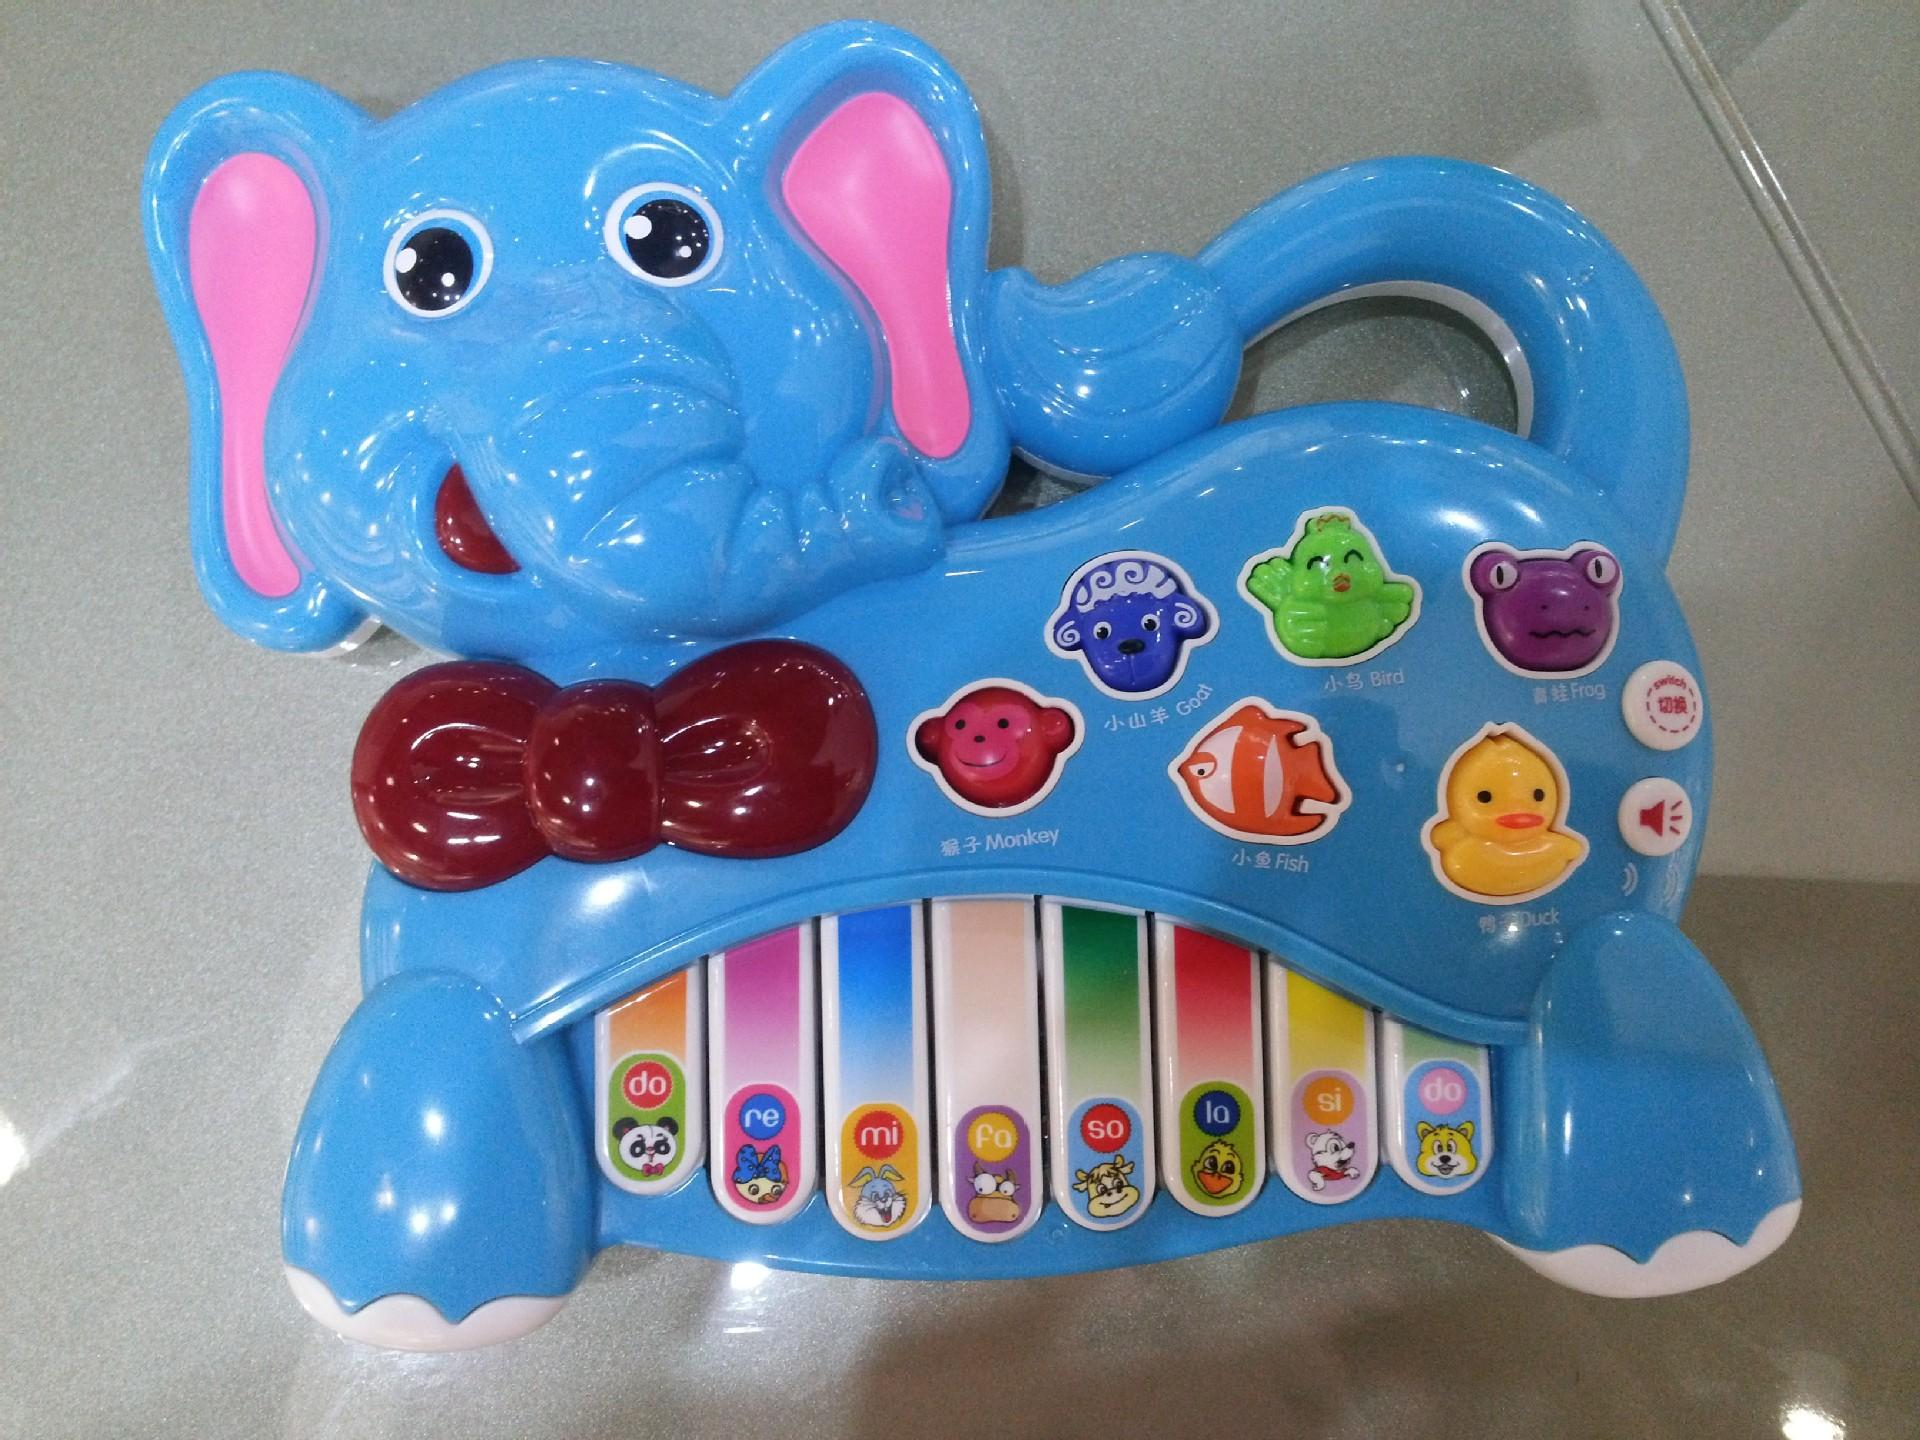 【贝乐康益智电子琴 动物叫声多模式大象琴卡